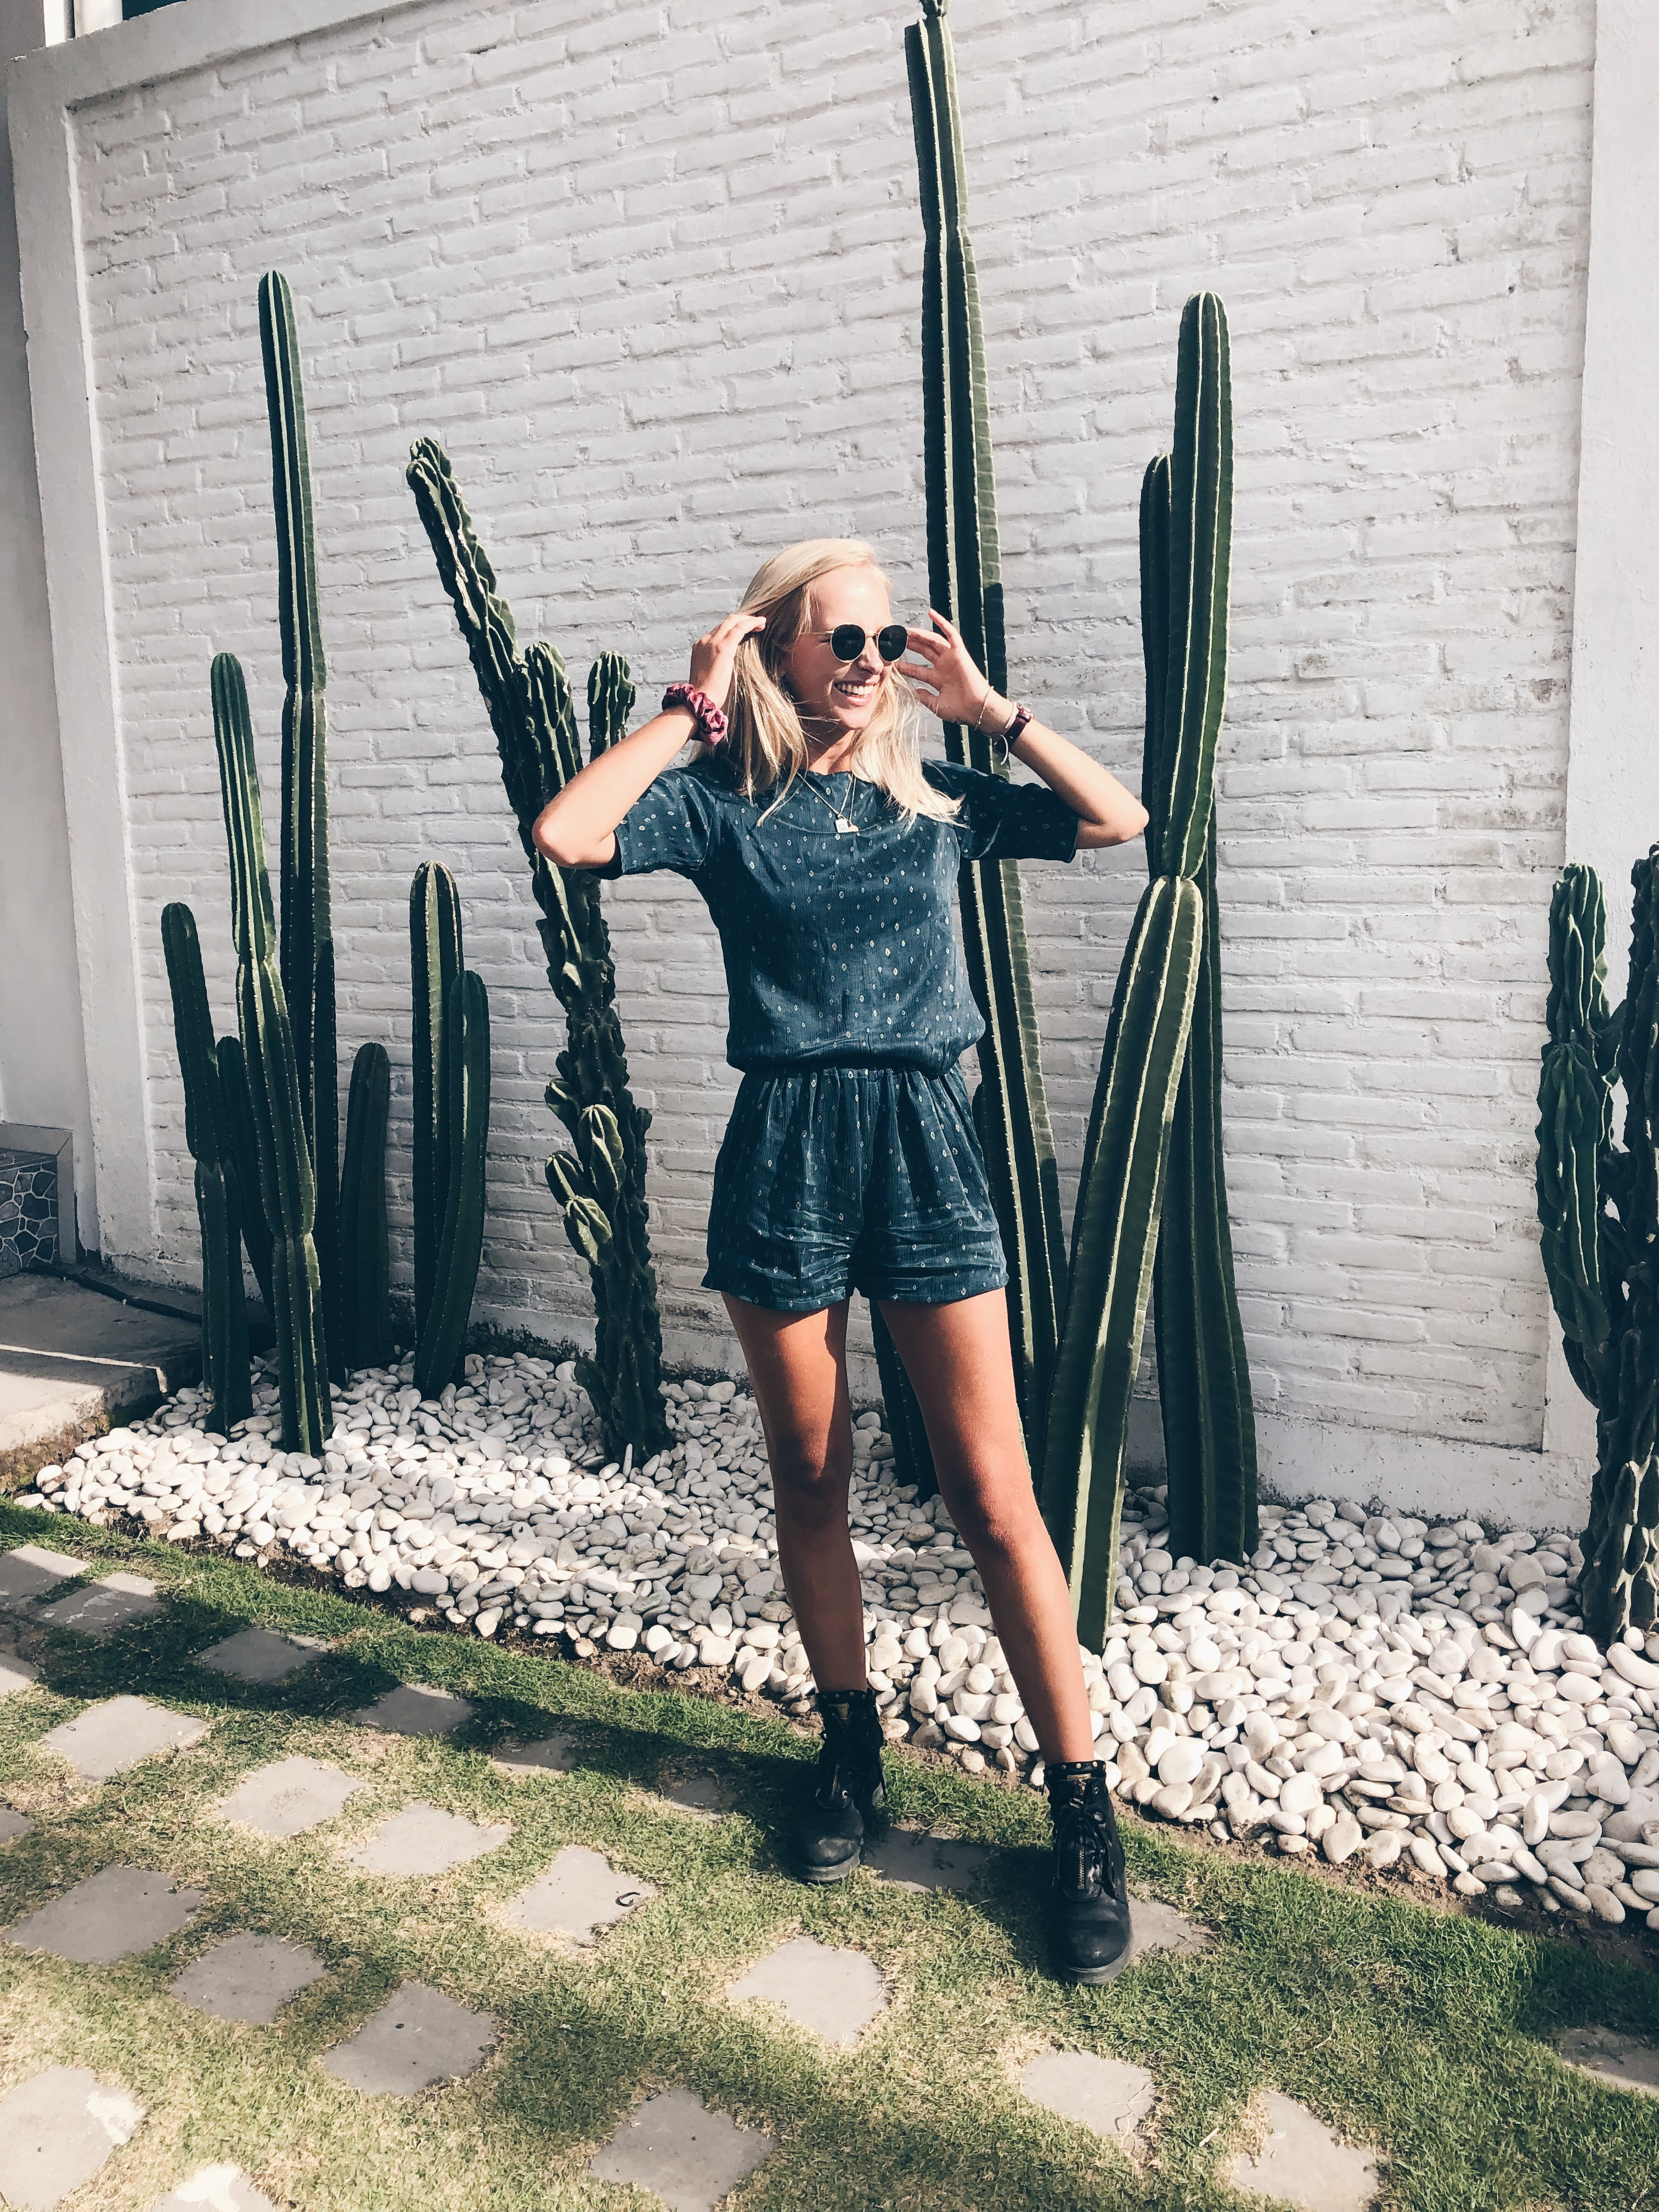 Ibtervuew Noelle van As - een jaar geen kleding kopen - made by noelle - youtuber noelle as - kledingmerk bomb - lea